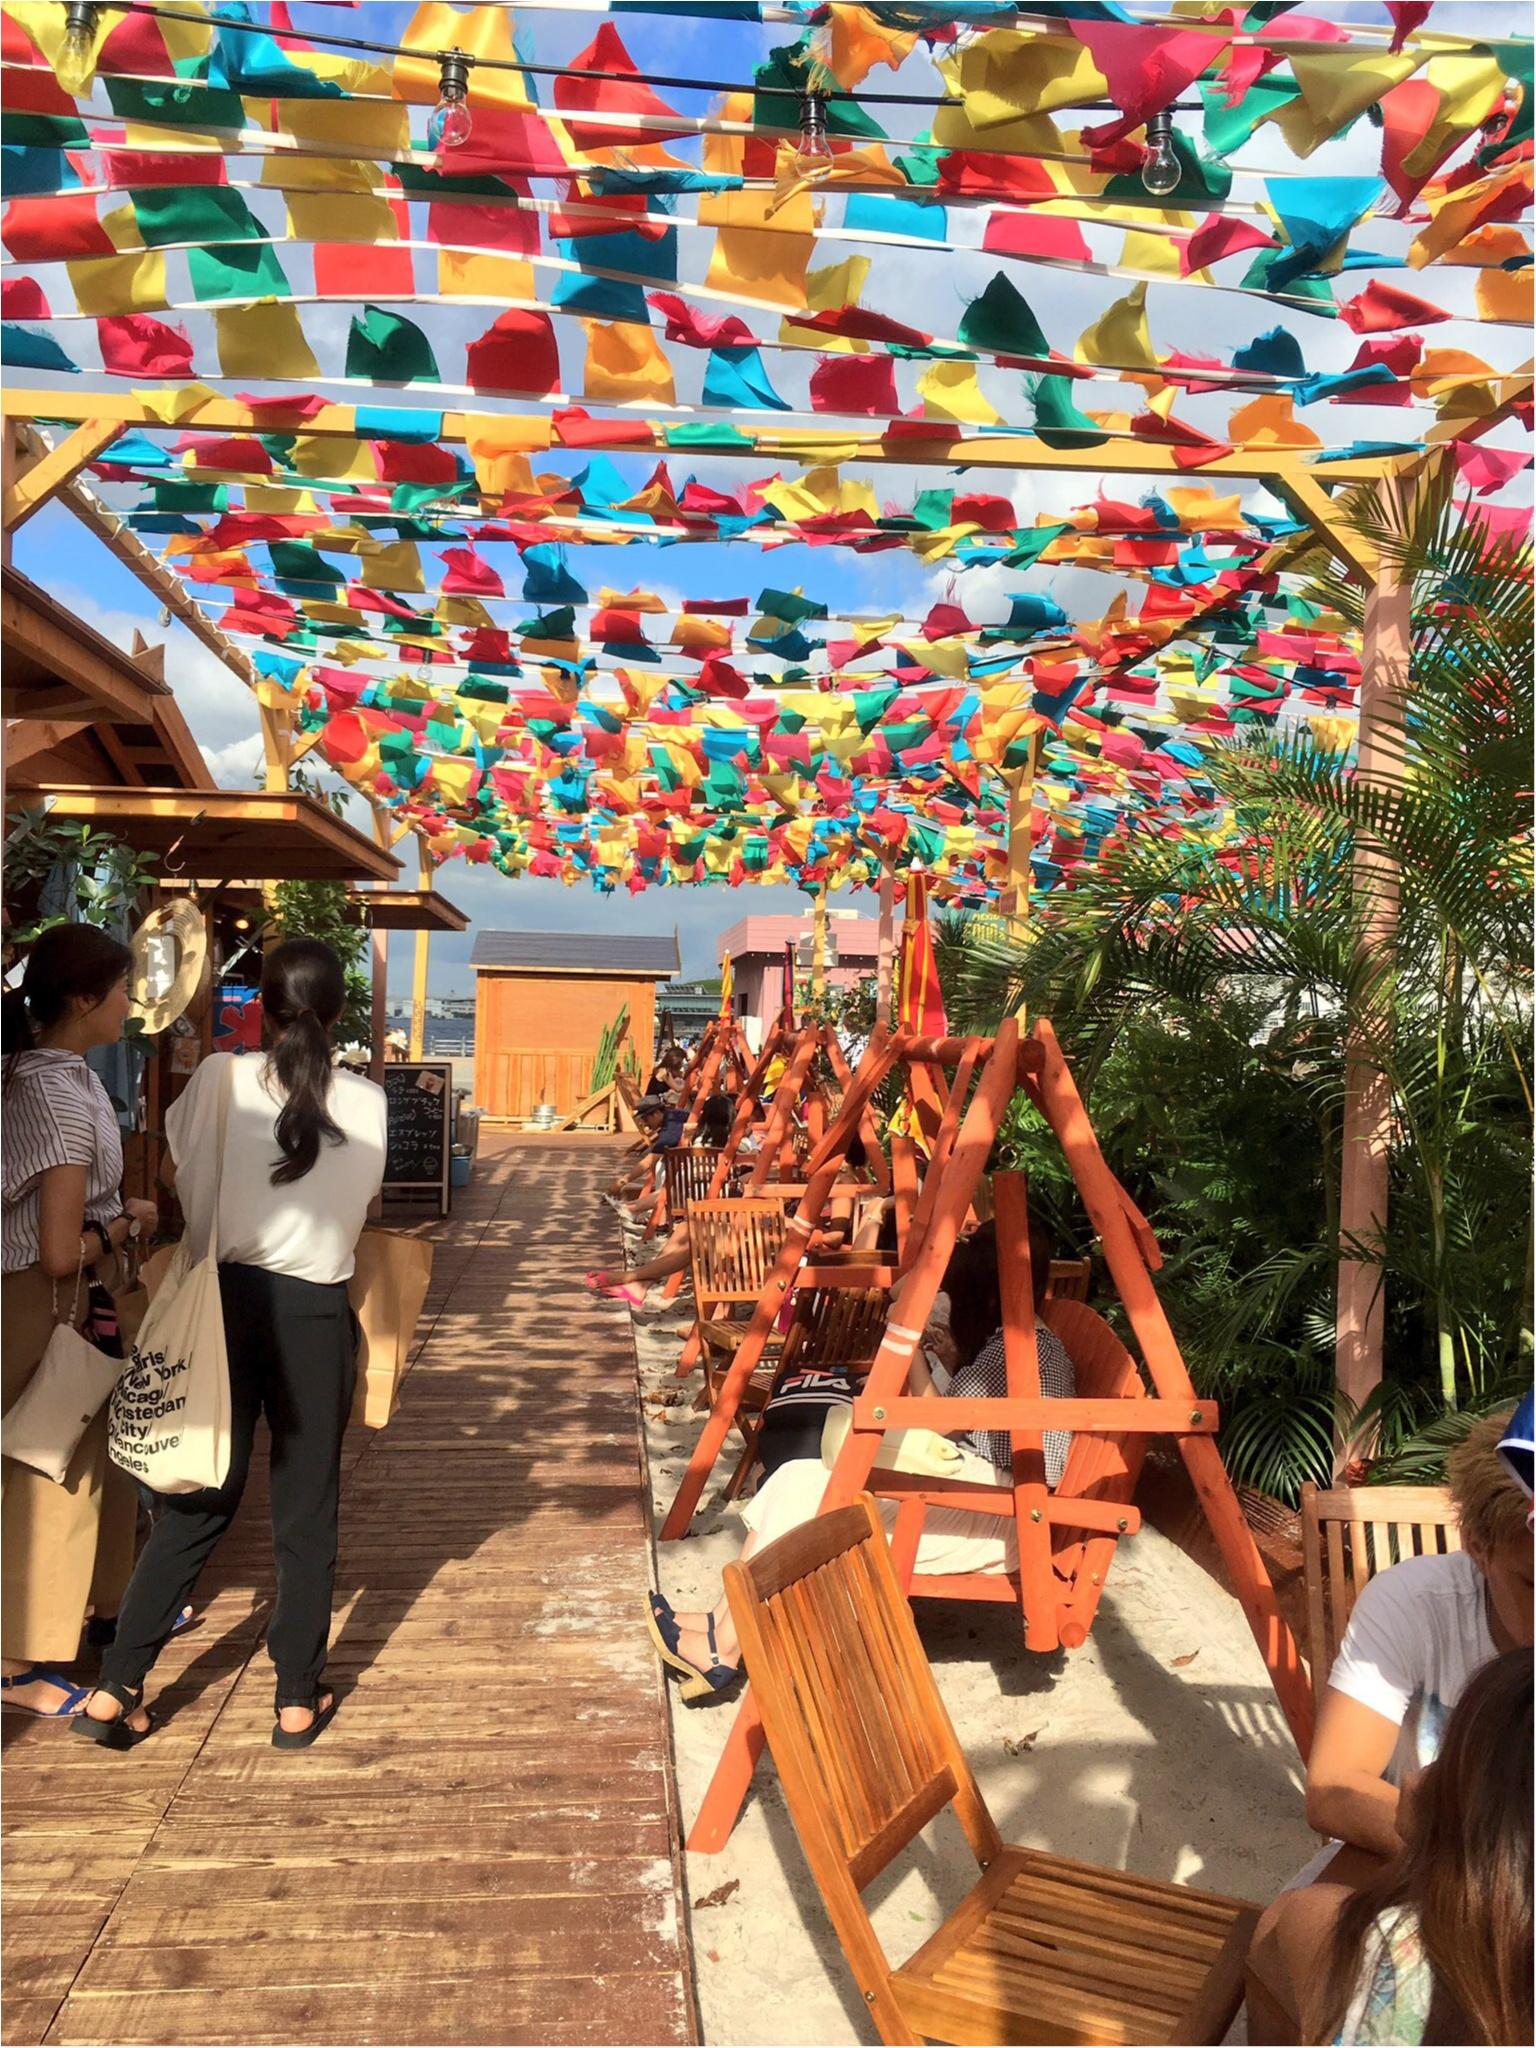 みなとみらい♡赤レンガにアマゾン川が出現…!?見ても楽しい♪食べても楽しい♪『RED BRICK Paradise』の写真たくさんレポ(*´ ˘ `*)!_8